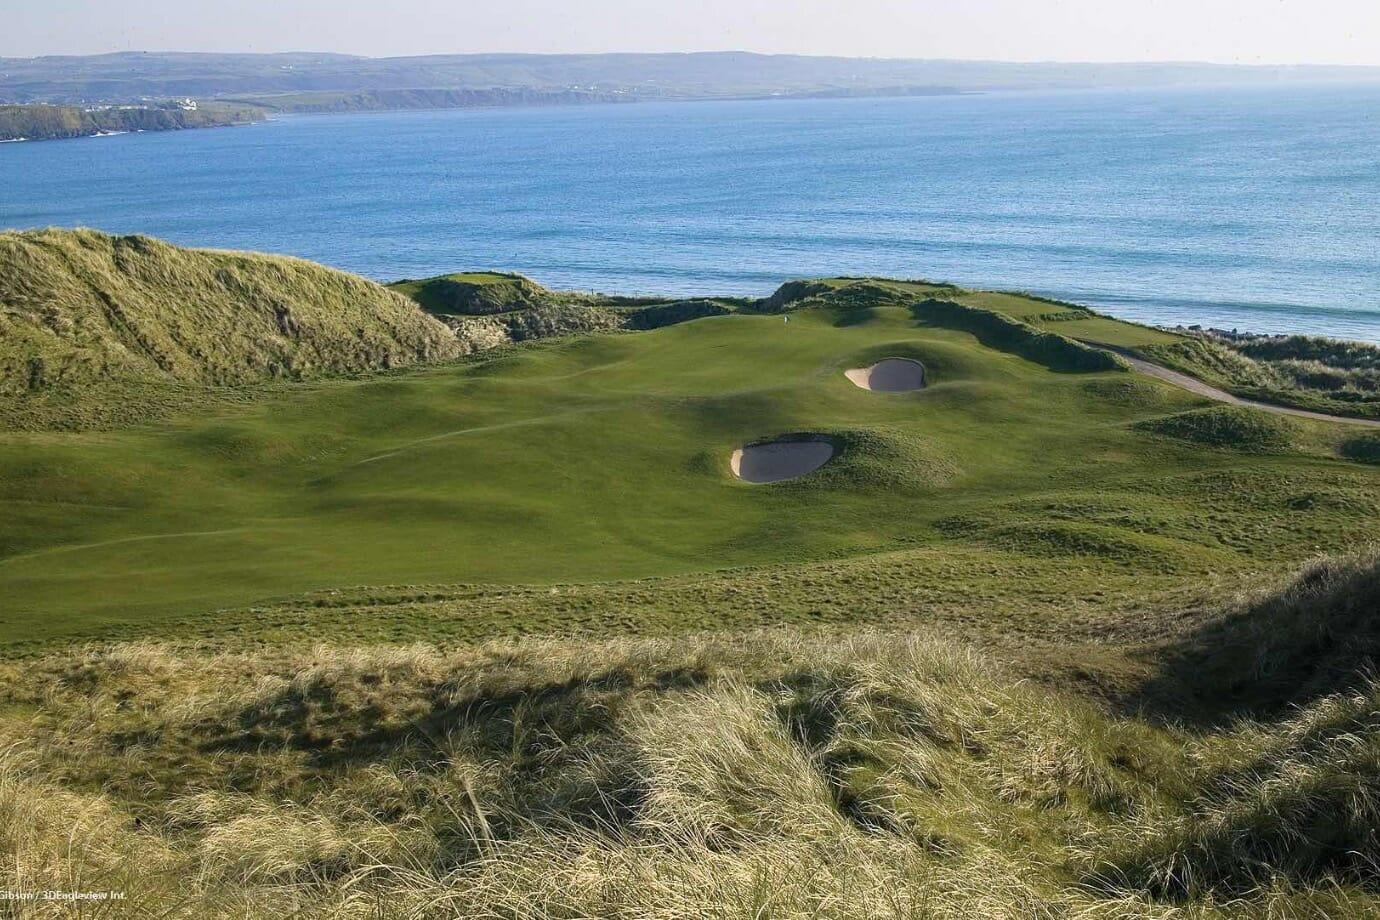 Lahinch to host Dubai Duty Free Irish Open in 2019 | Irish Golfer